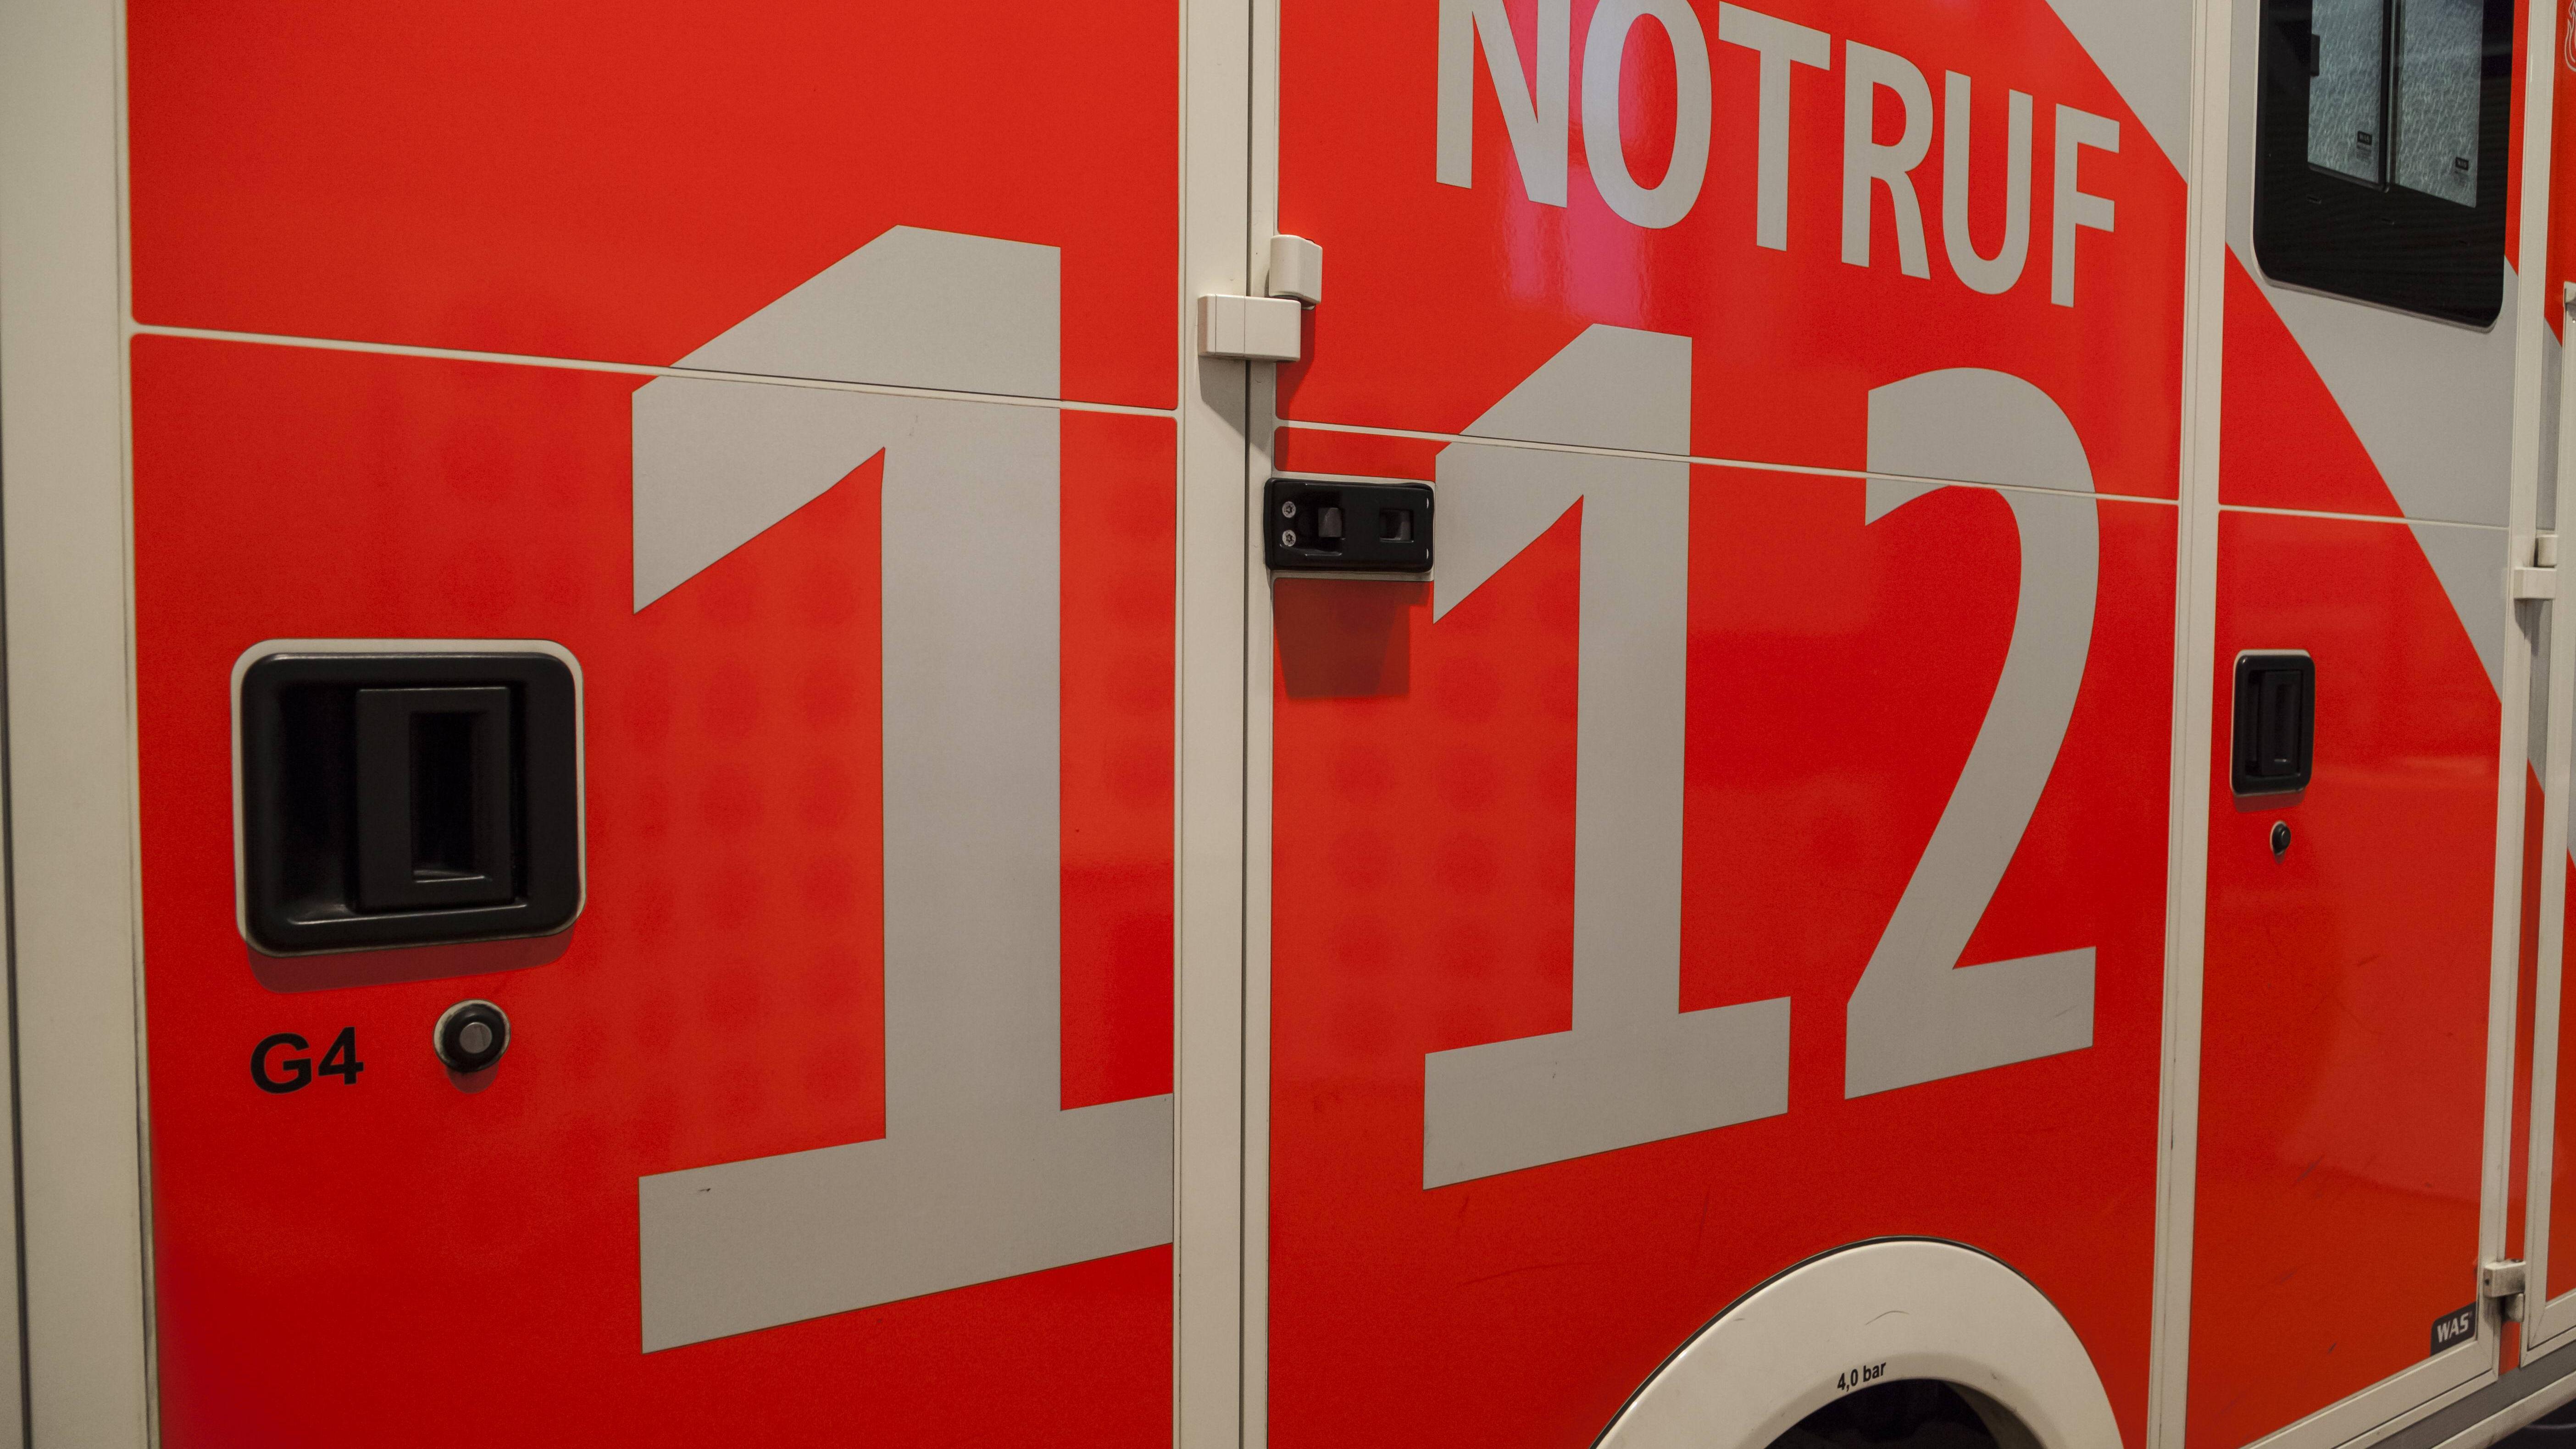 Kind hat Seife gegessen - zögern Sie bei starken Symptomen nicht, sofort die 112 zu rufen!